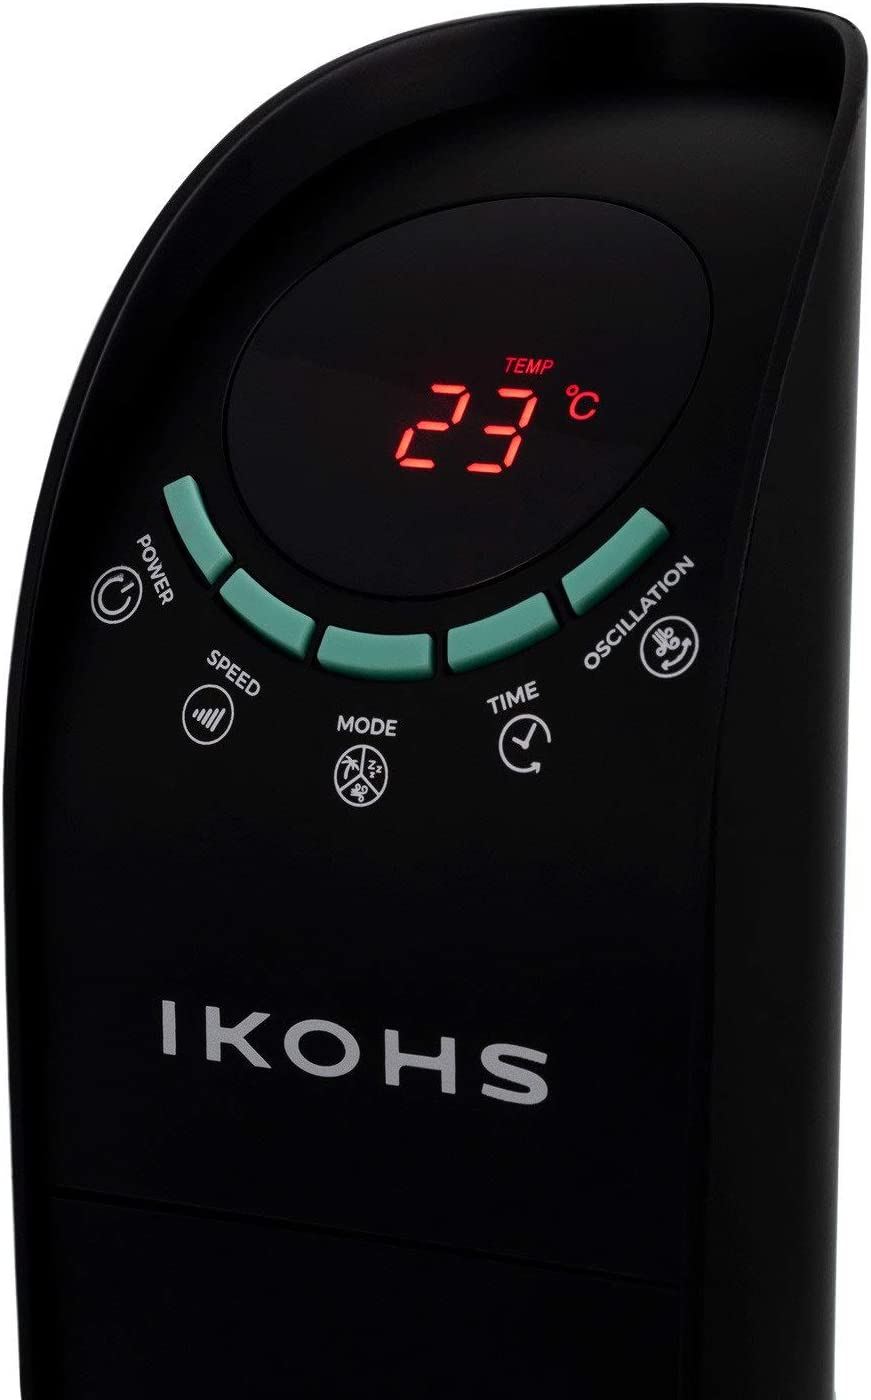 6 Velocidad con Mando de Control Remoto IKOHS Ion-Wind TF Color Negro Mate Dise/ño Minimalista Polen Elimina Polvo g/érmenes y Malos olores Ventilador Ionizador Torre Ultrasilencioso